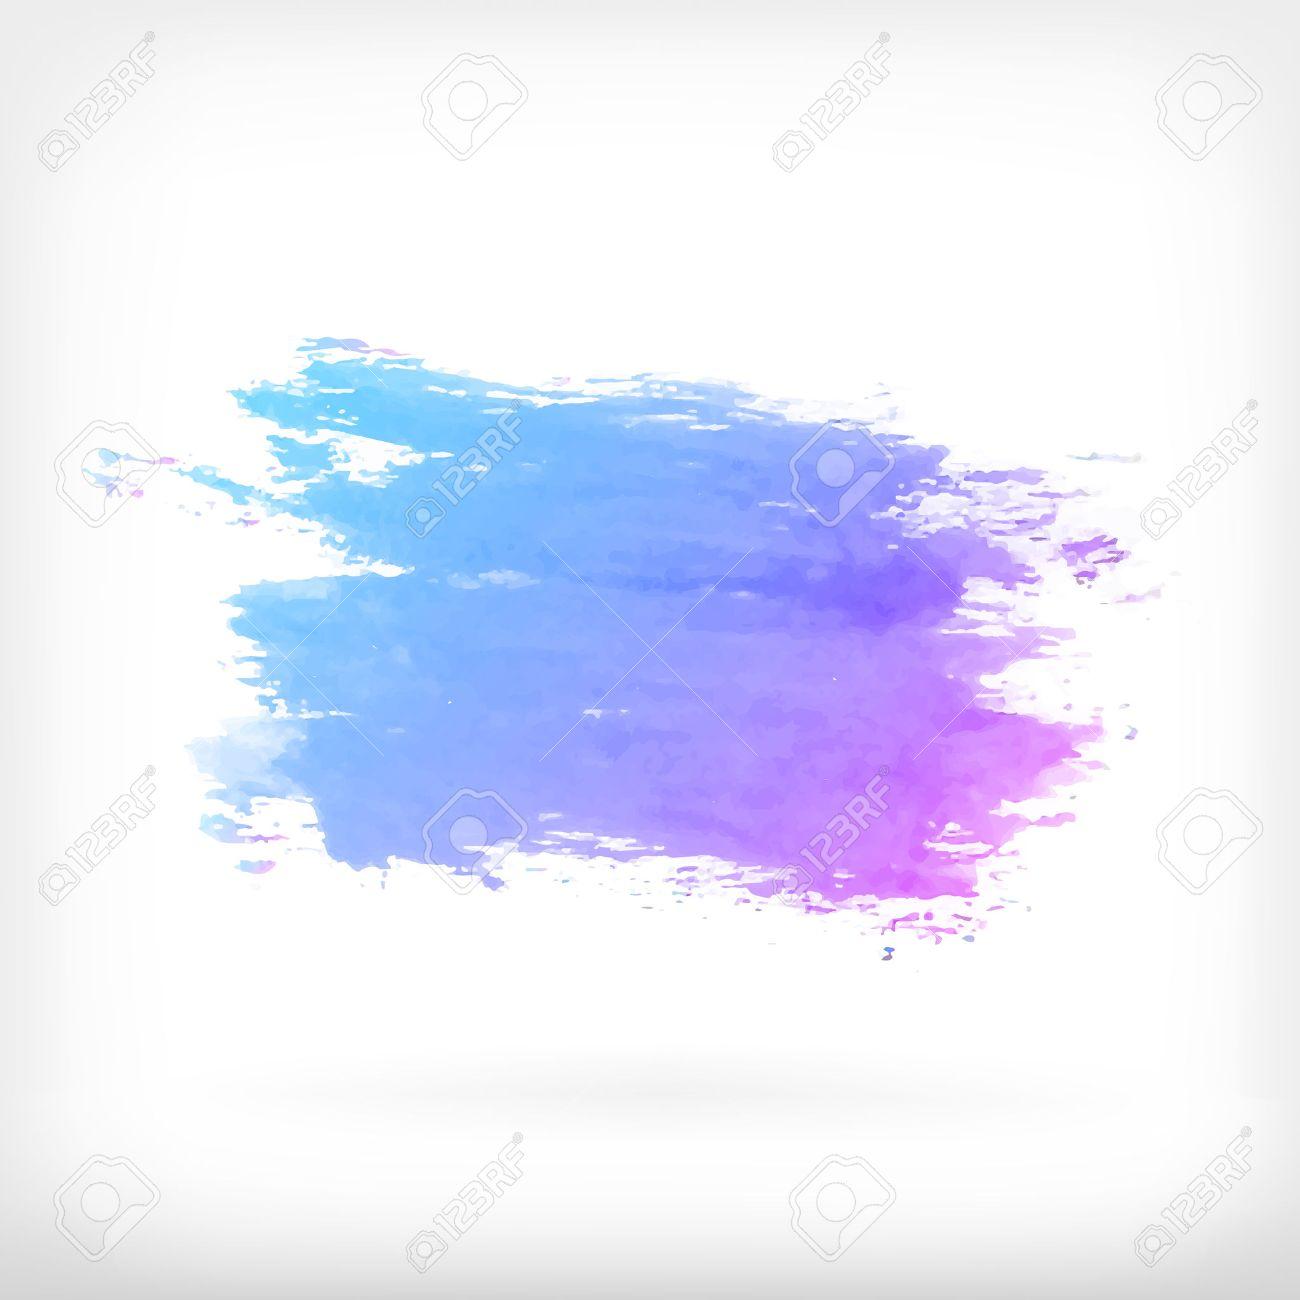 blaue flecken farbverlauf